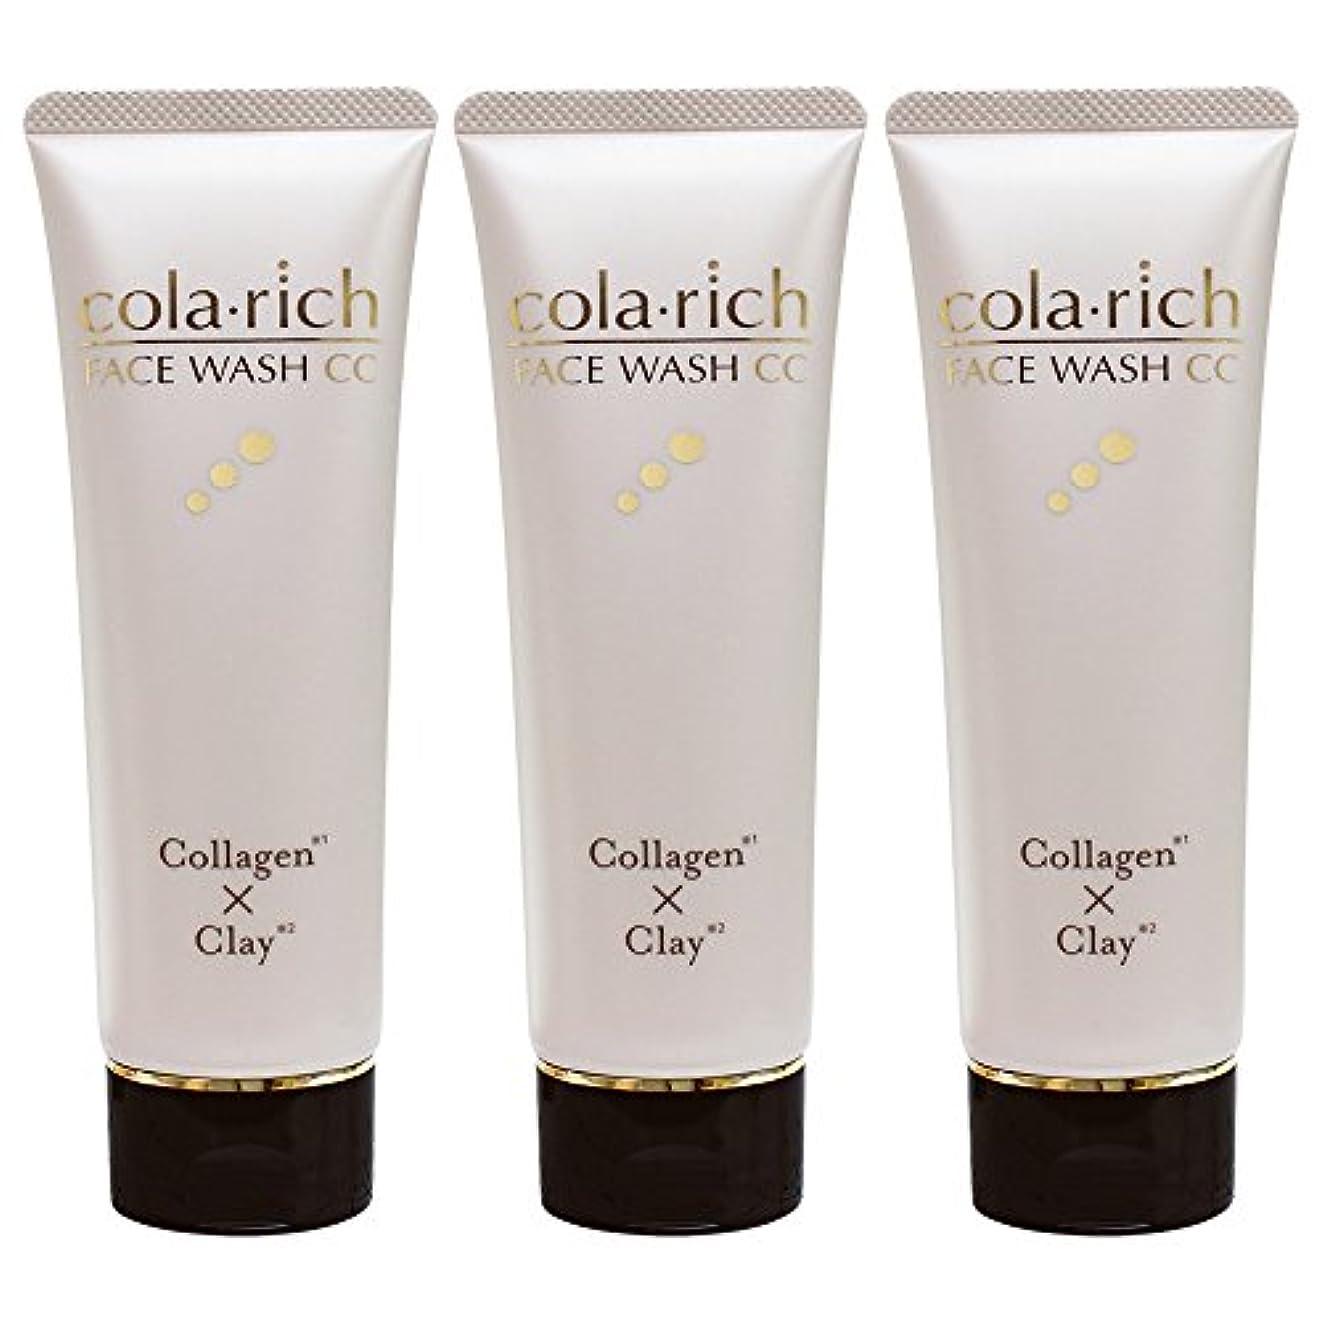 下手セミナー氏コラリッチ コラーゲン配合美容液洗顔3本まとめ買い/フェイスウォッシュCC(1本120g 約1カ月分)キューサイ